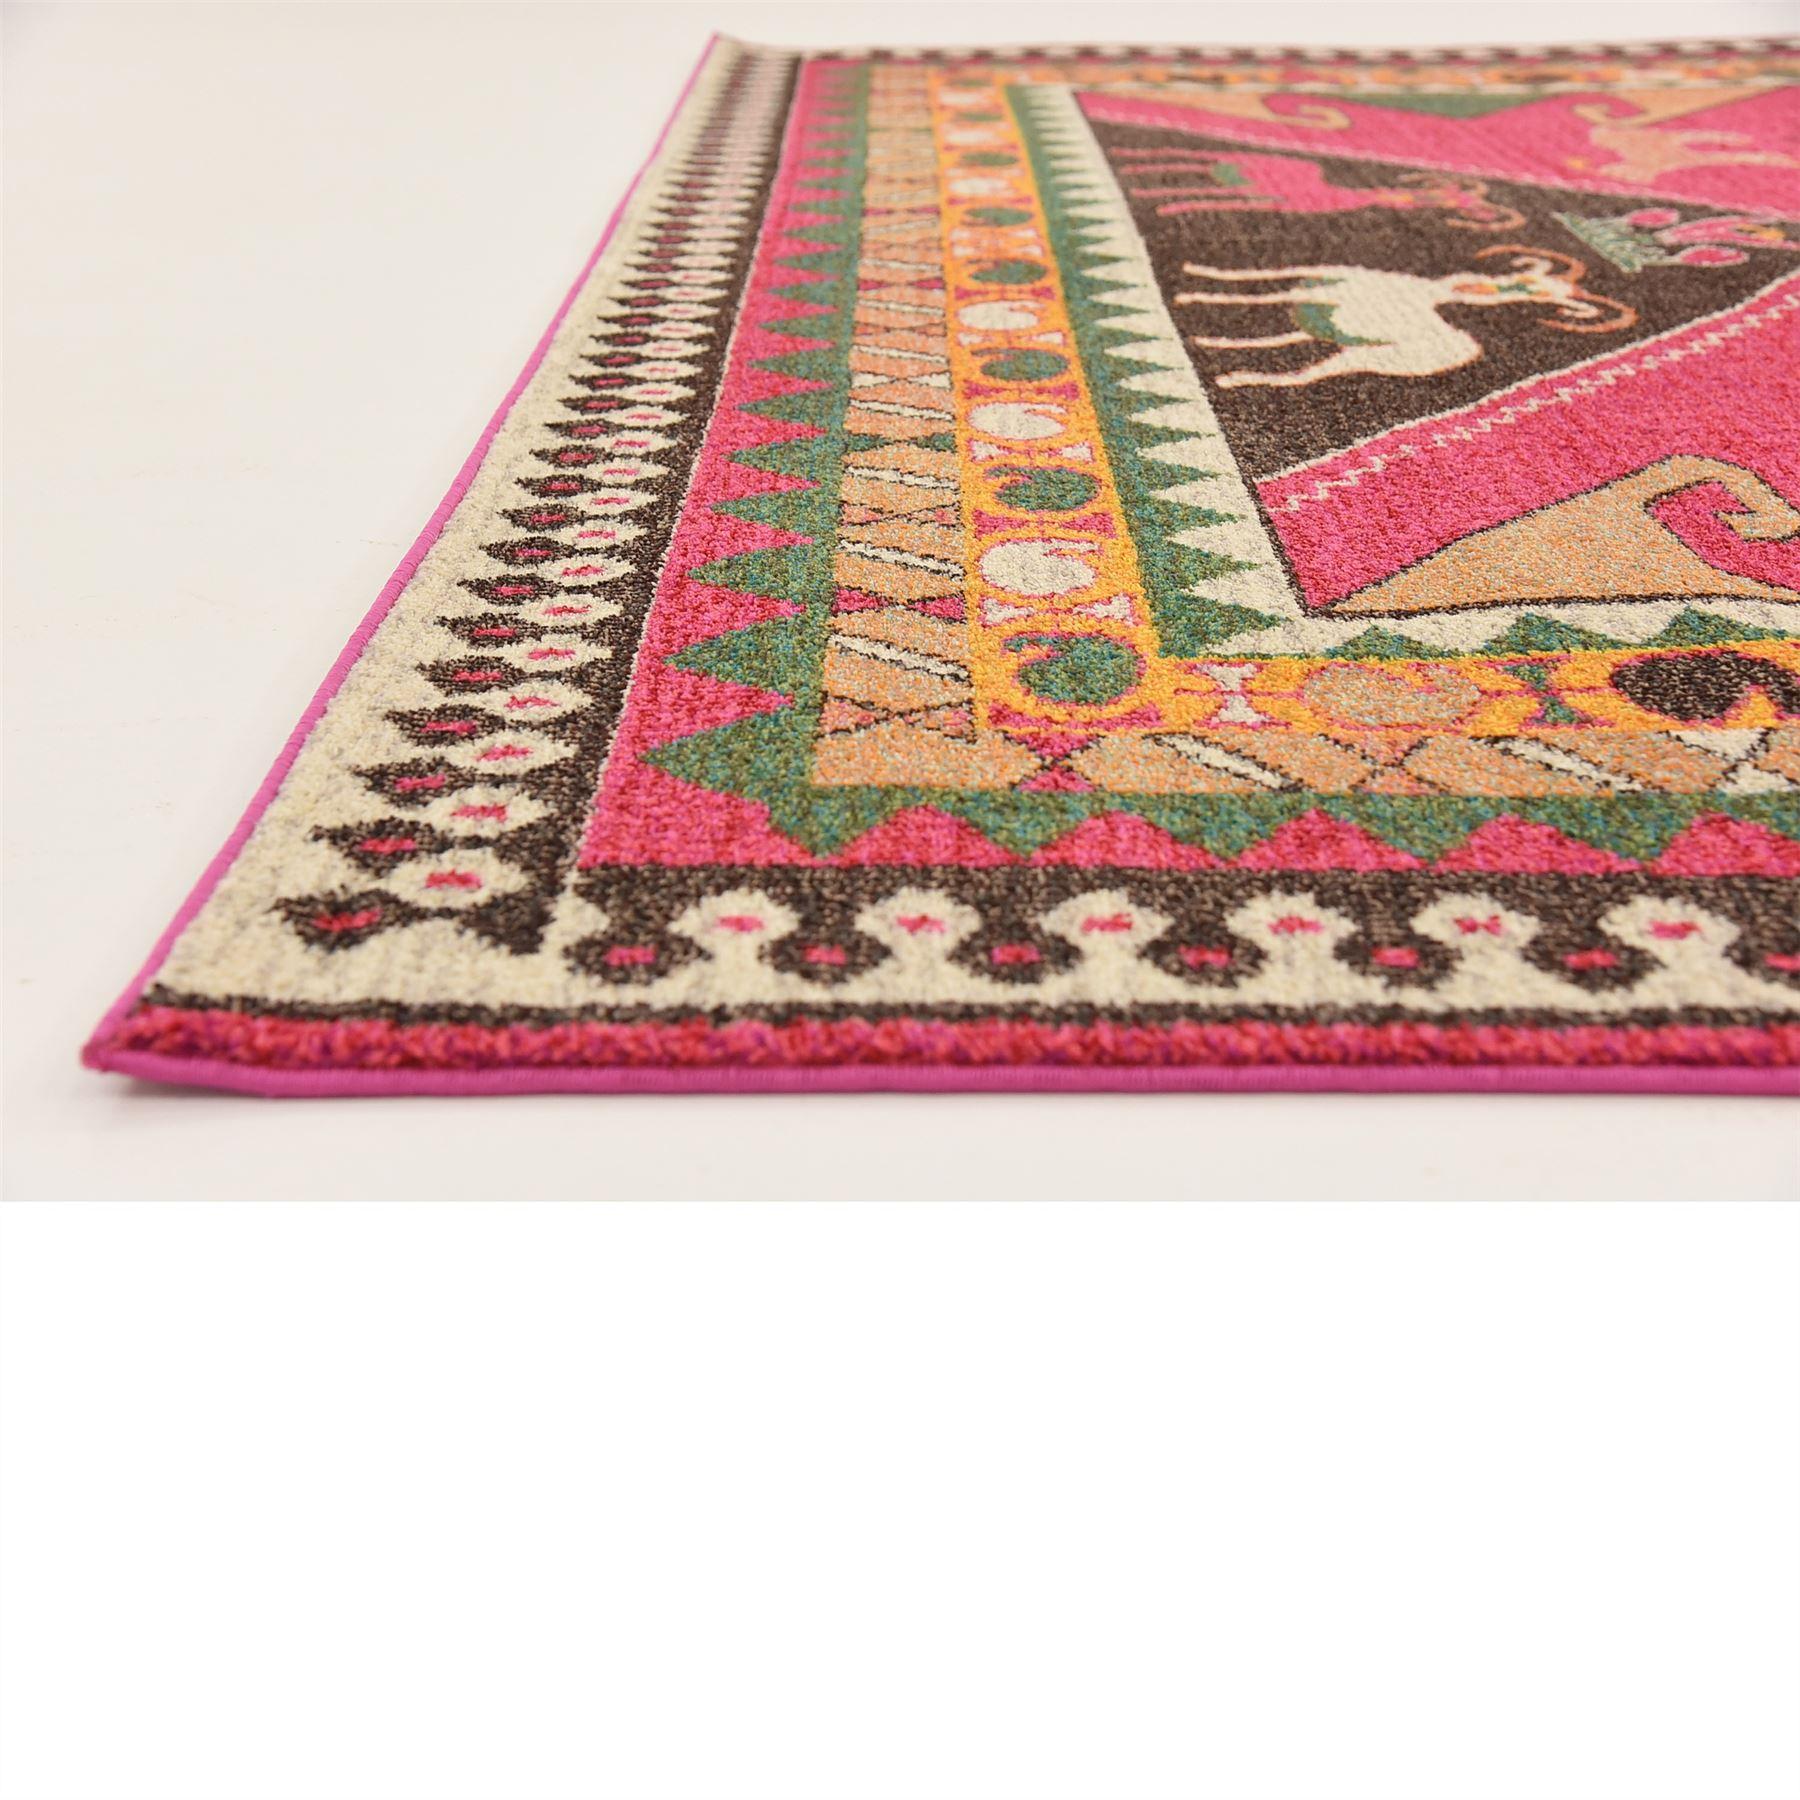 traditional pink persian design area rug tribal oriental design carept ebay. Black Bedroom Furniture Sets. Home Design Ideas